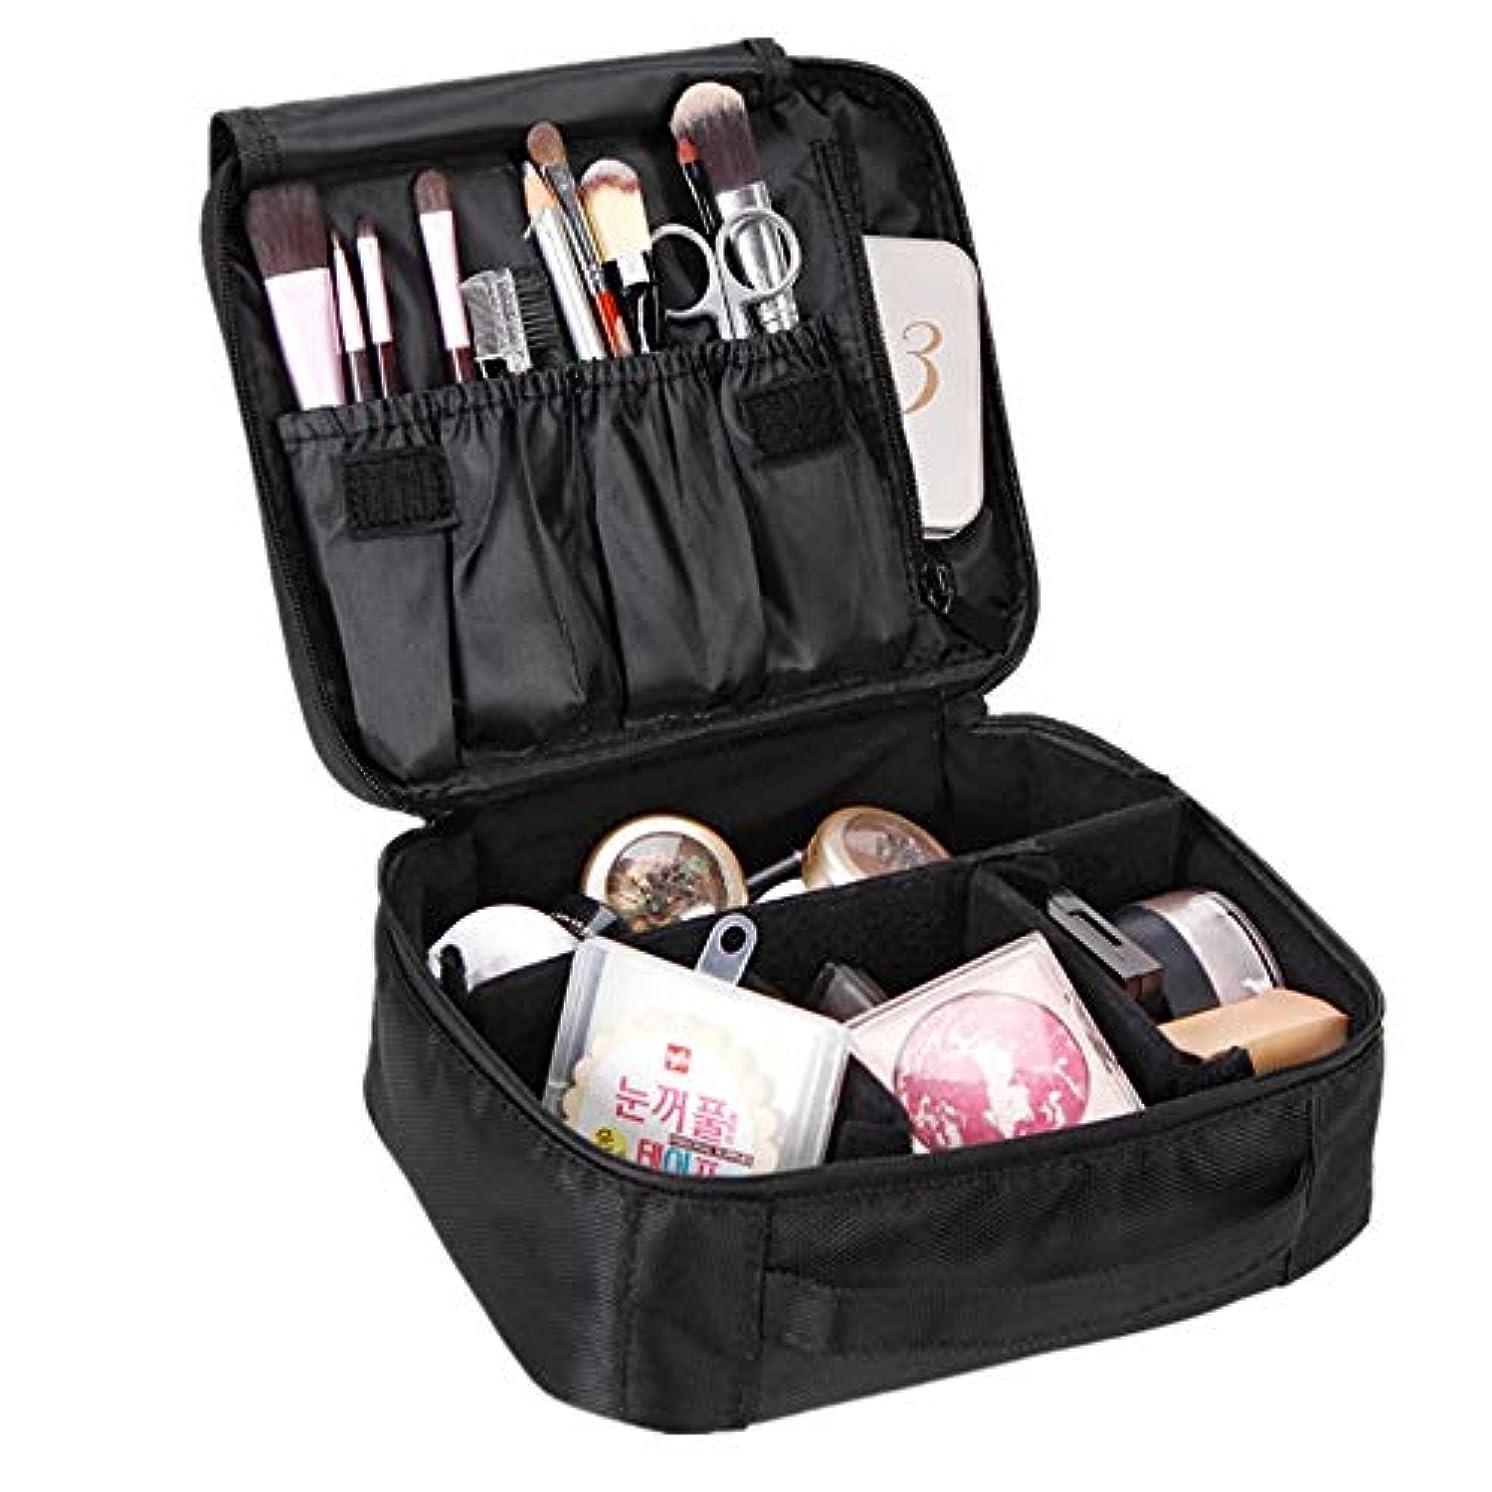 それにもかかわらずフェッチ変成器特大スペース収納ビューティーボックス トラベルメイクアップバッグ - プレミアムベジタリアンデザイナーメイクアップバッグレディーストレインカバー - 3つの化粧品バッグ、化粧品バッグまたは化粧品バッグ(黒と赤のオプション...